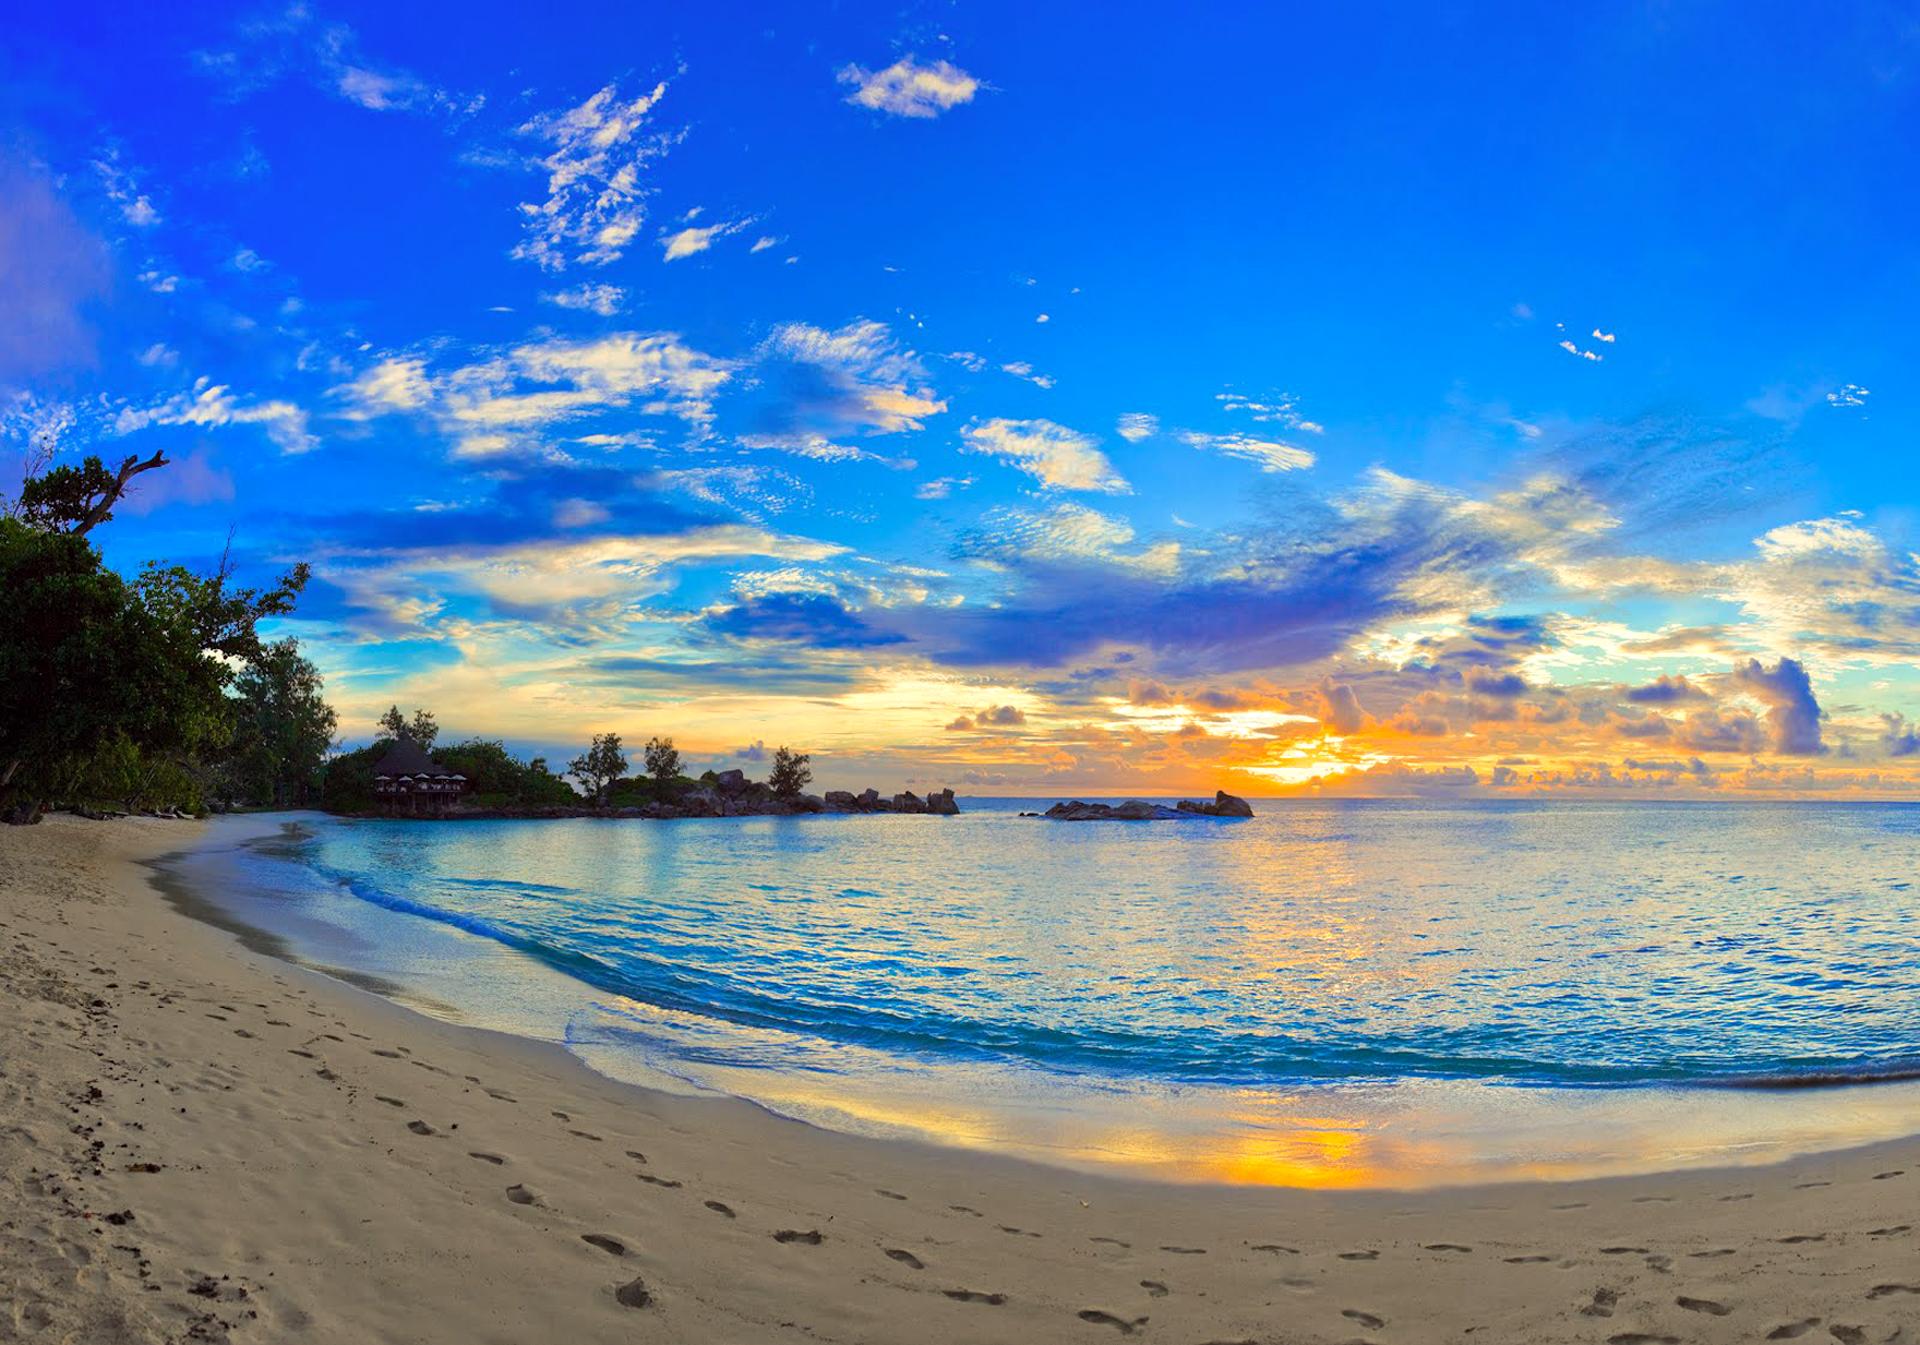 Beach Summer Desktop Background Picture 1920x1345